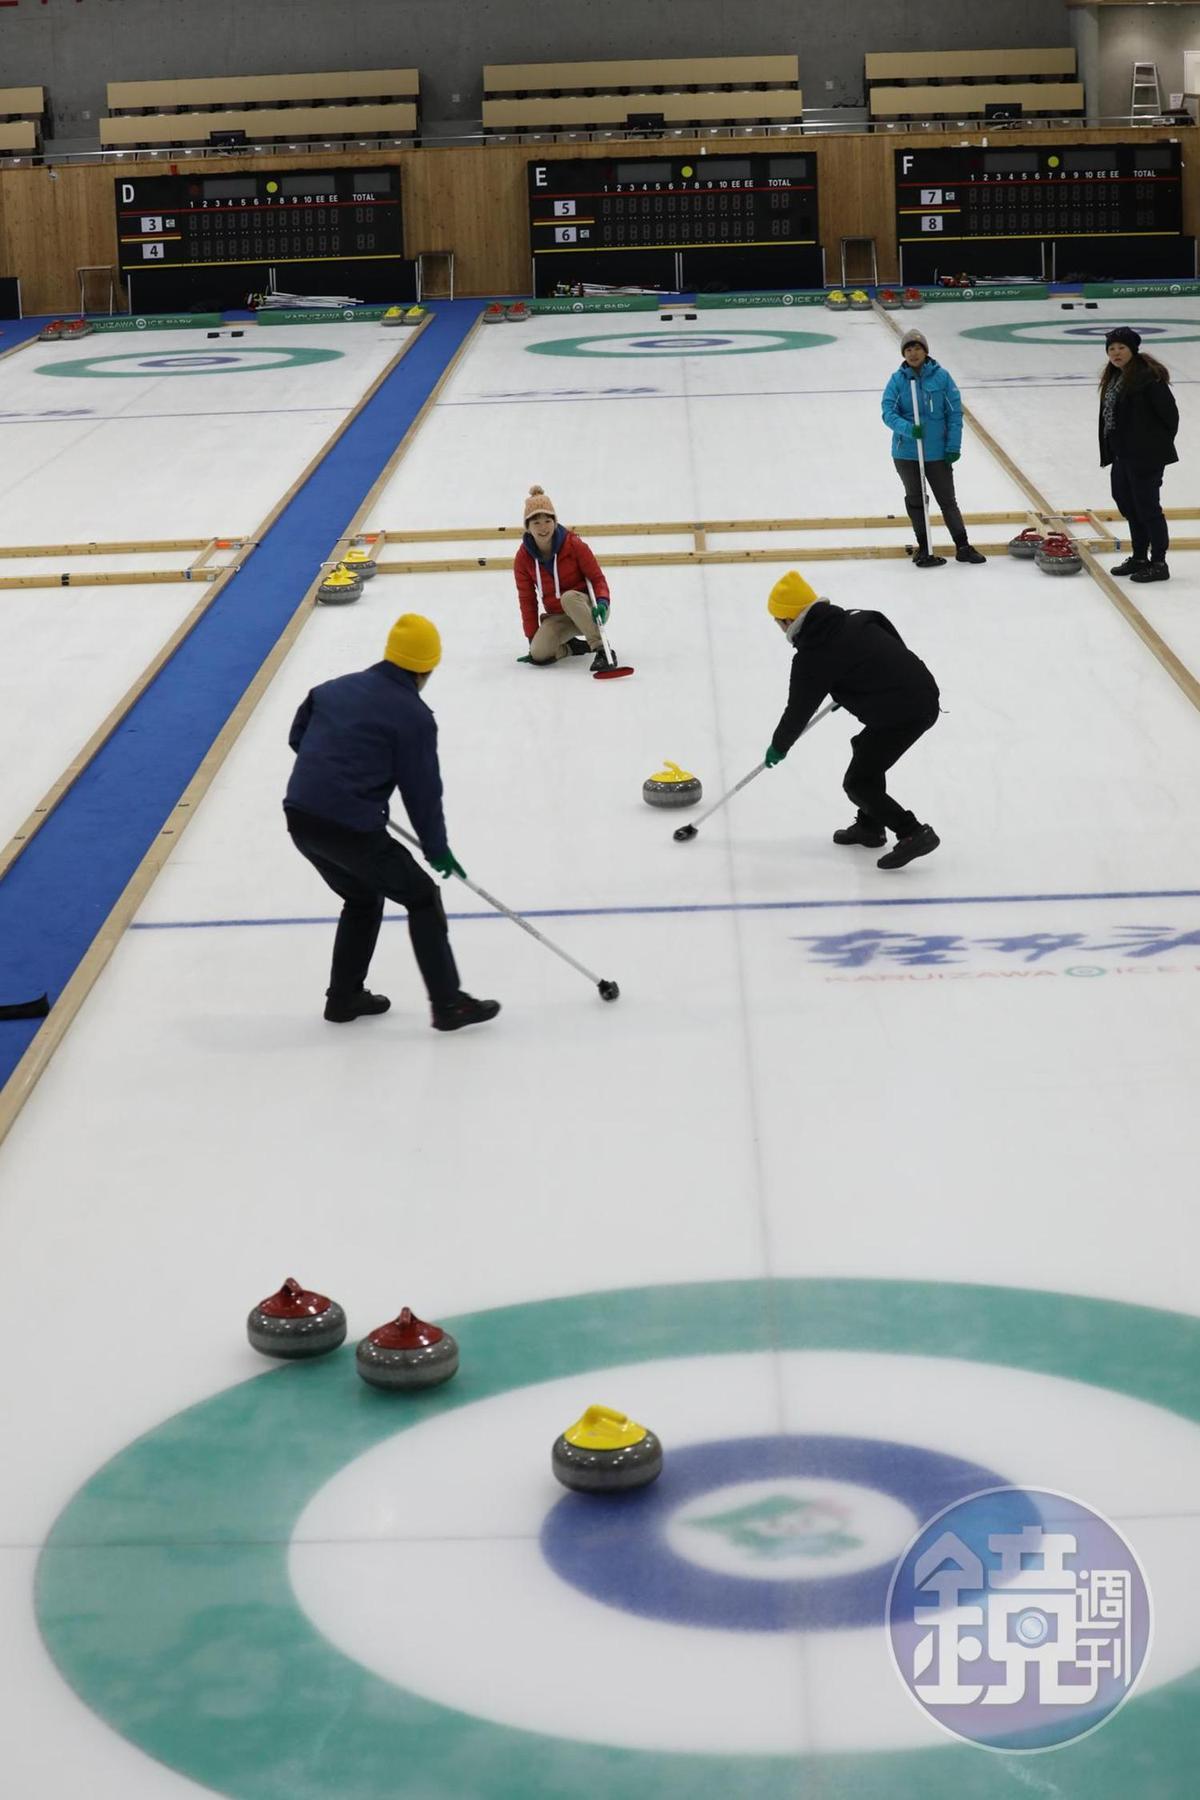 人多的話,還可以來一場冰壺競賽,把冰壺刷進靶心。